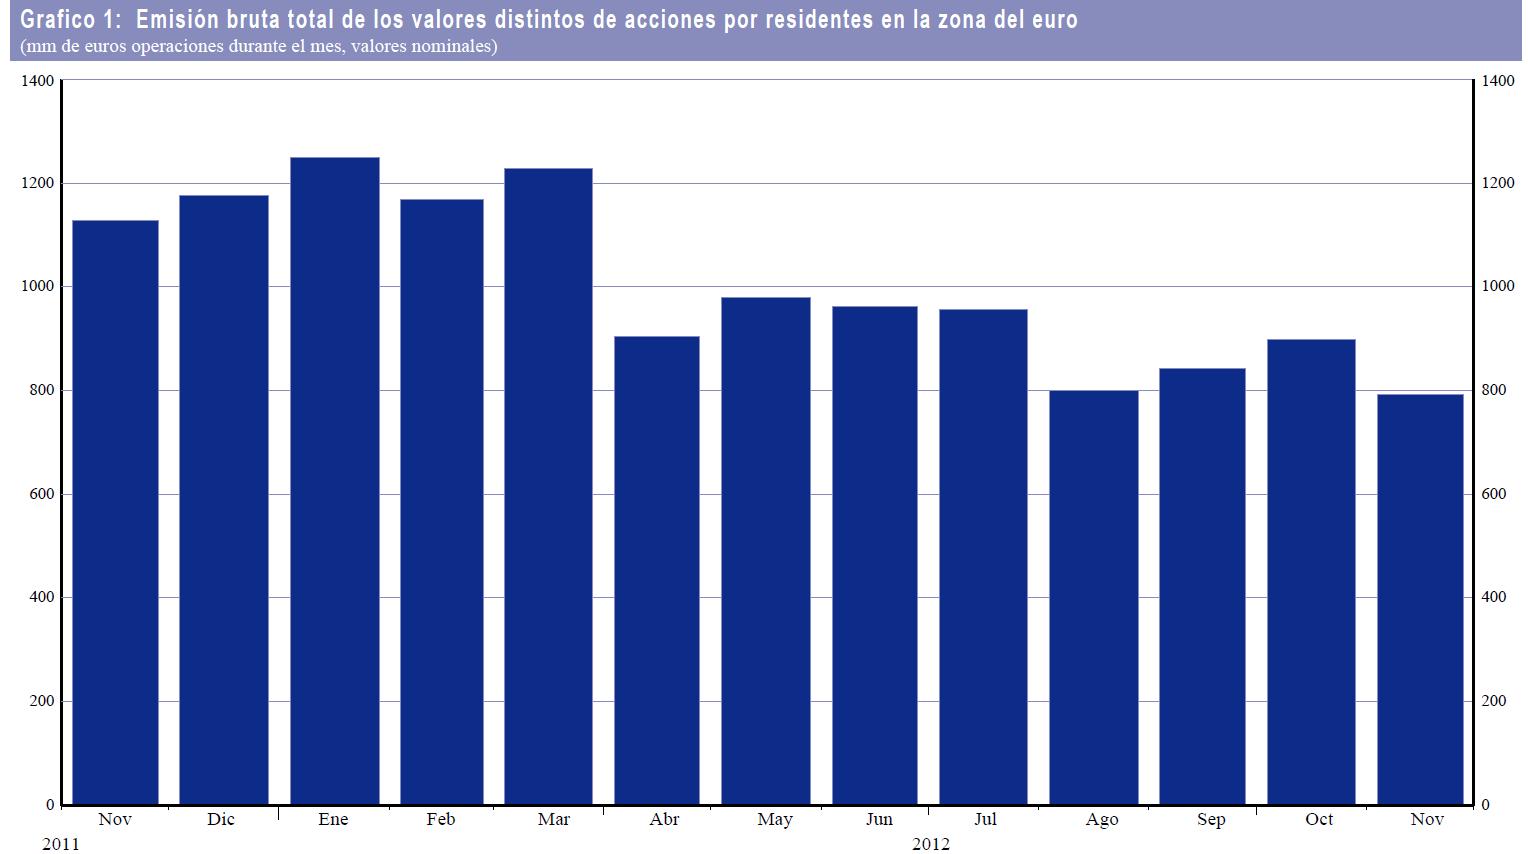 emision valores zona euro noviembre 2012